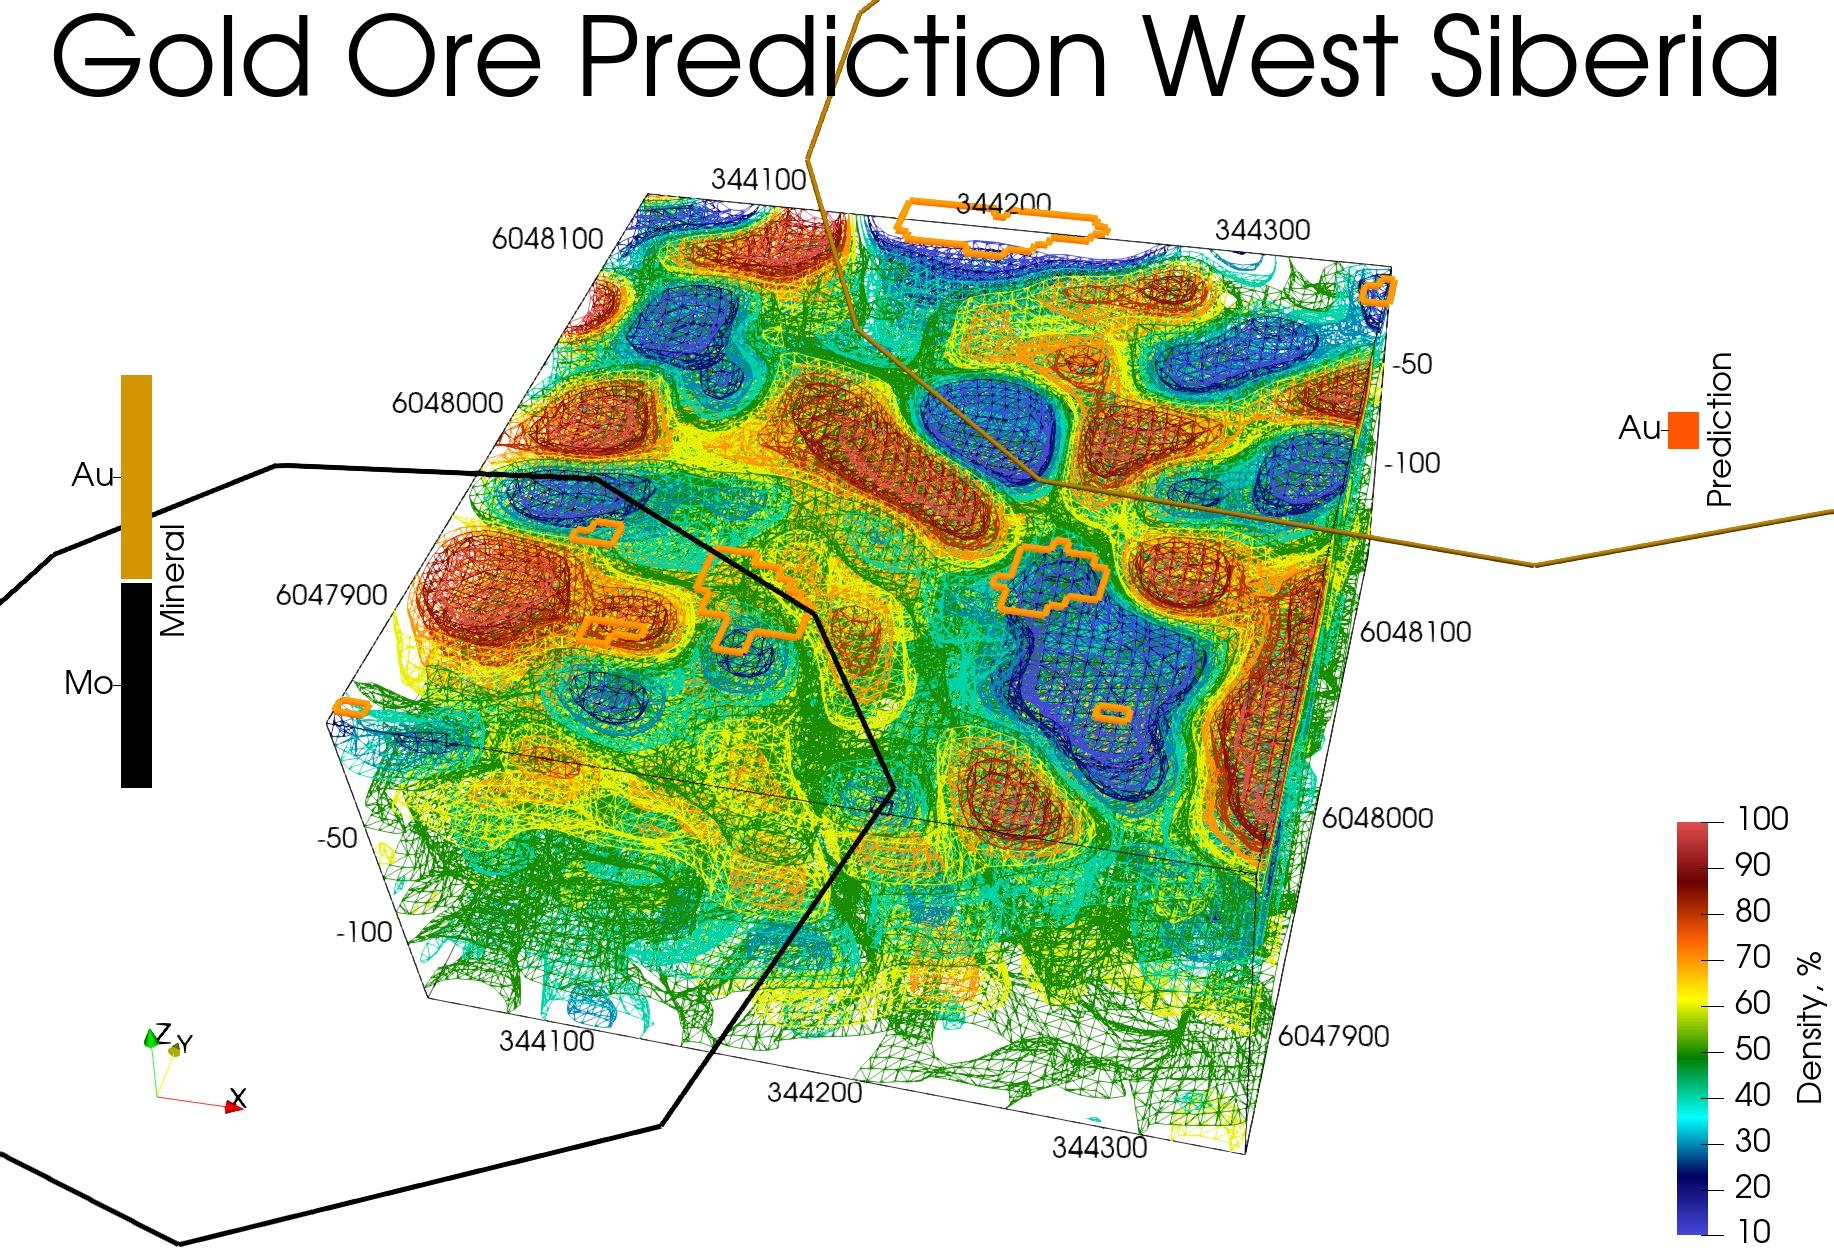 Цифровая геология, или пусть машины думают и находят золото для нас в Западной Сибири без геологических данных